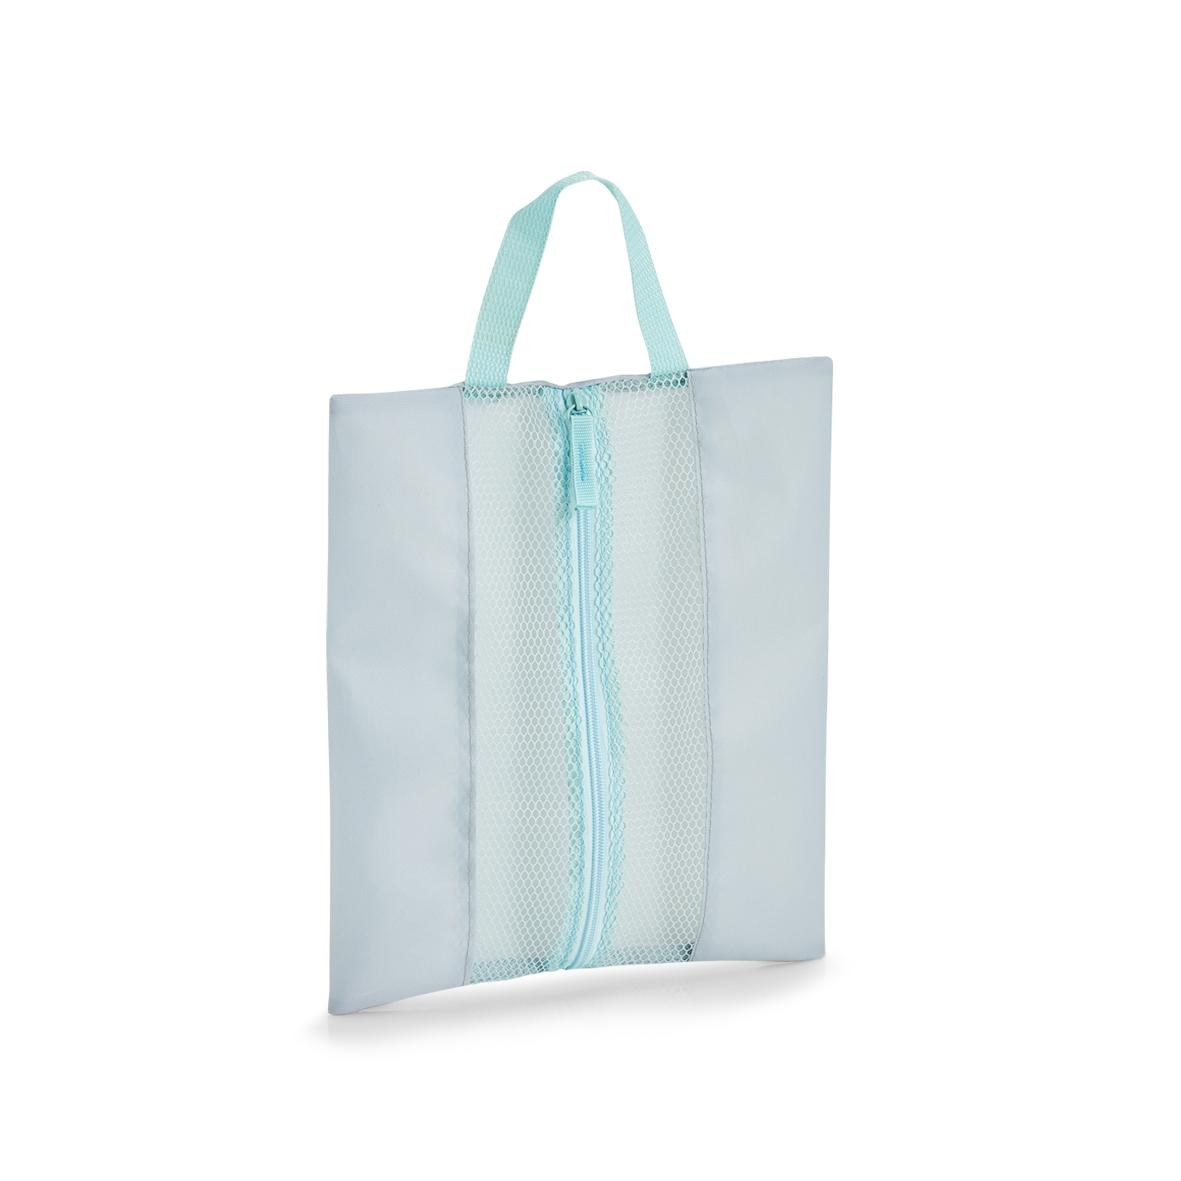 Organizator textil pentru bagaj de calatorie, Suitcase Gri Deschis, L26xl30 cm